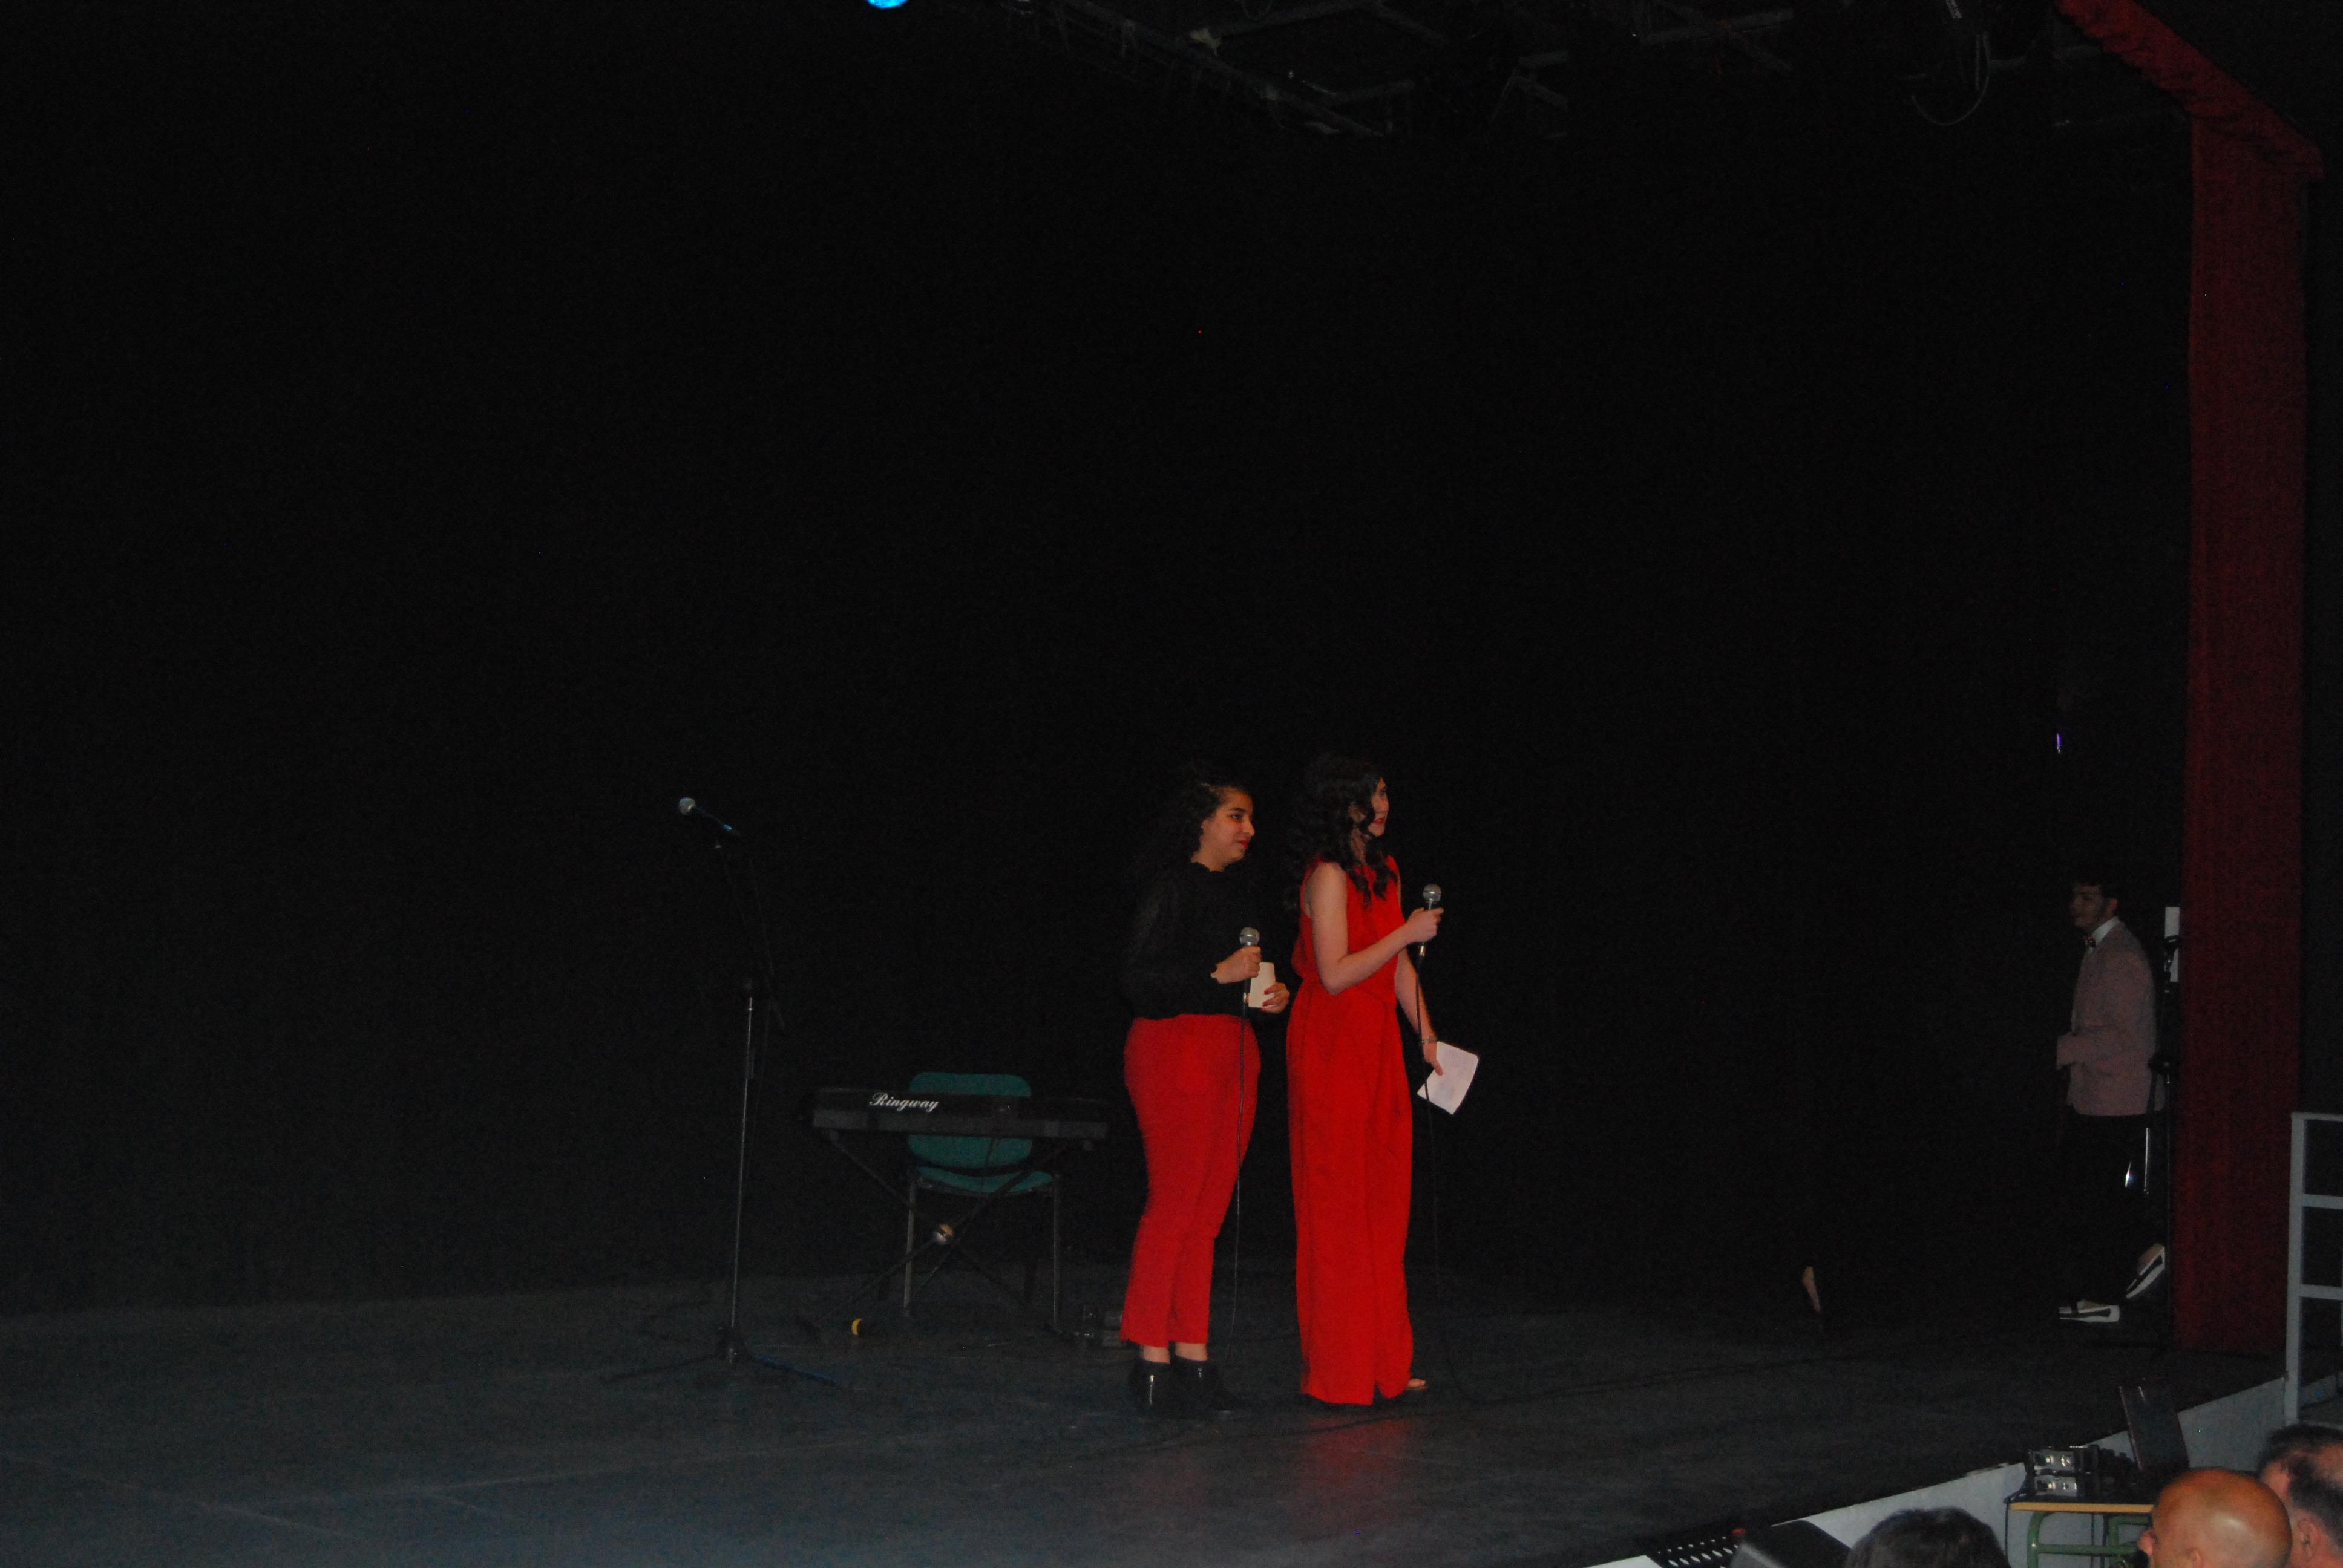 Graduación - 2º Bachillerato - Álbum # 1 7